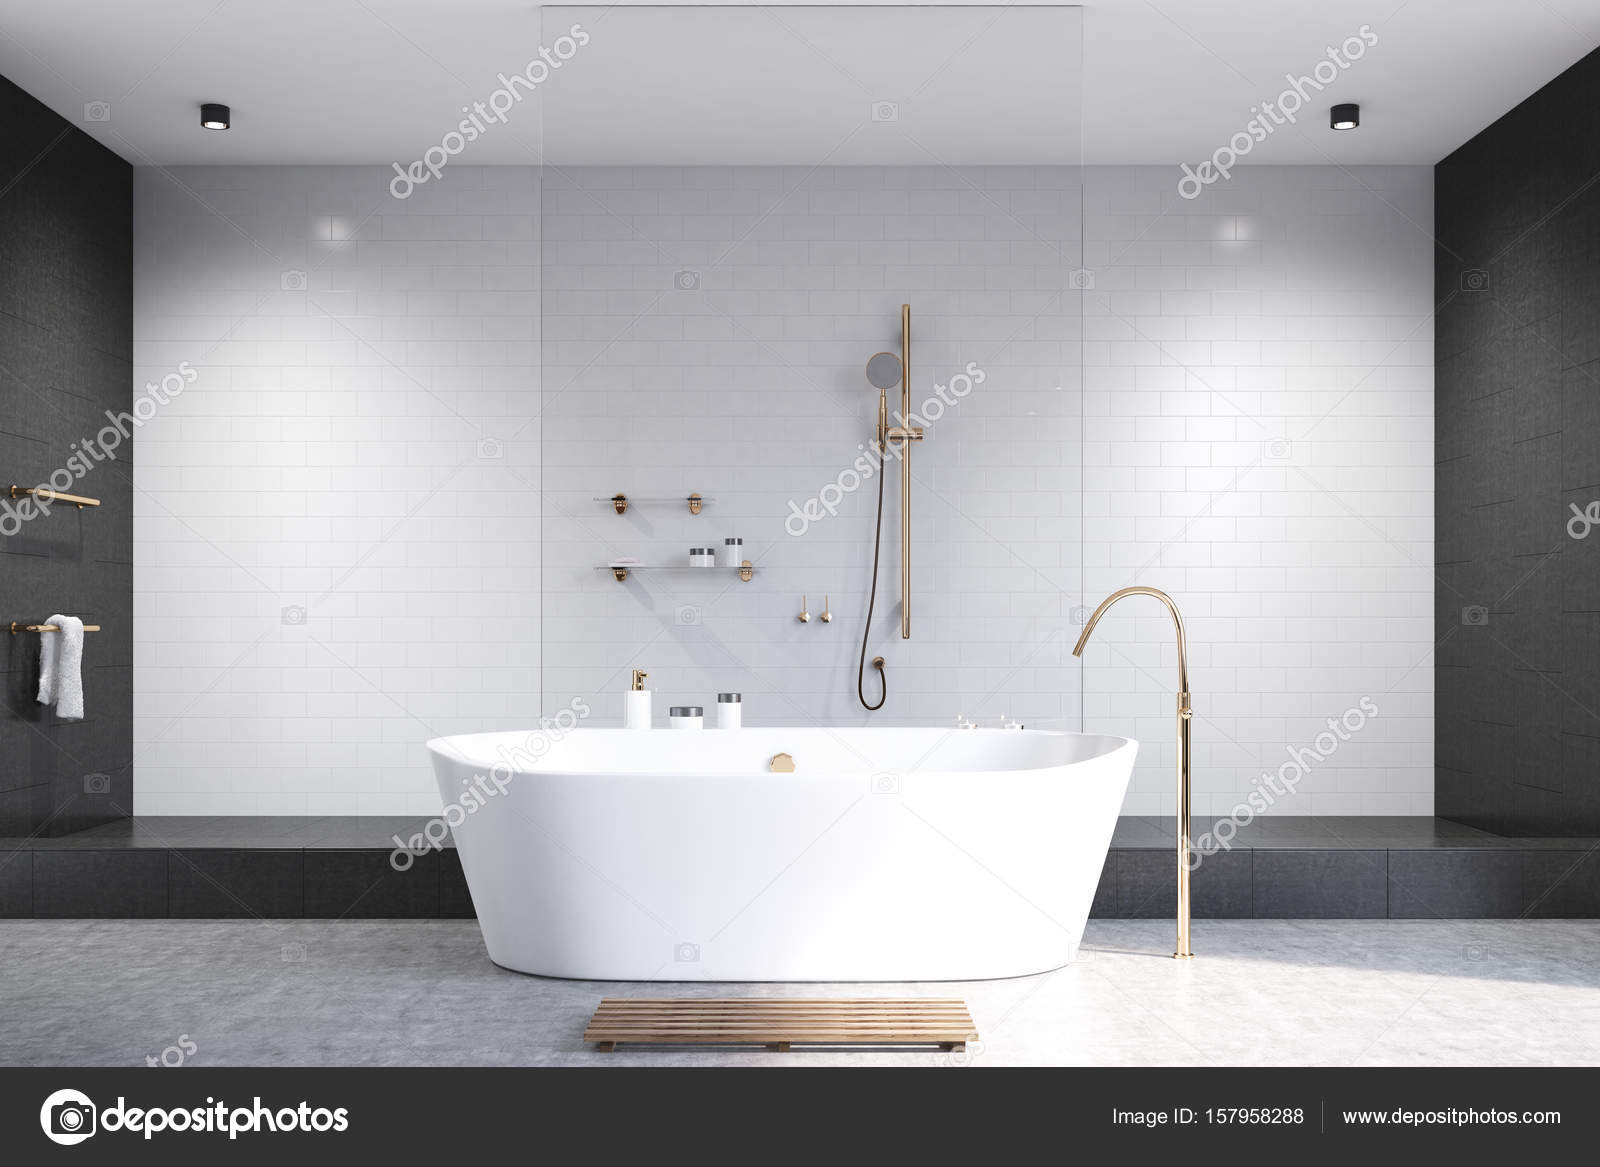 Bianco bagno con le mattonelle nere u2014 foto stock © denisismagilov